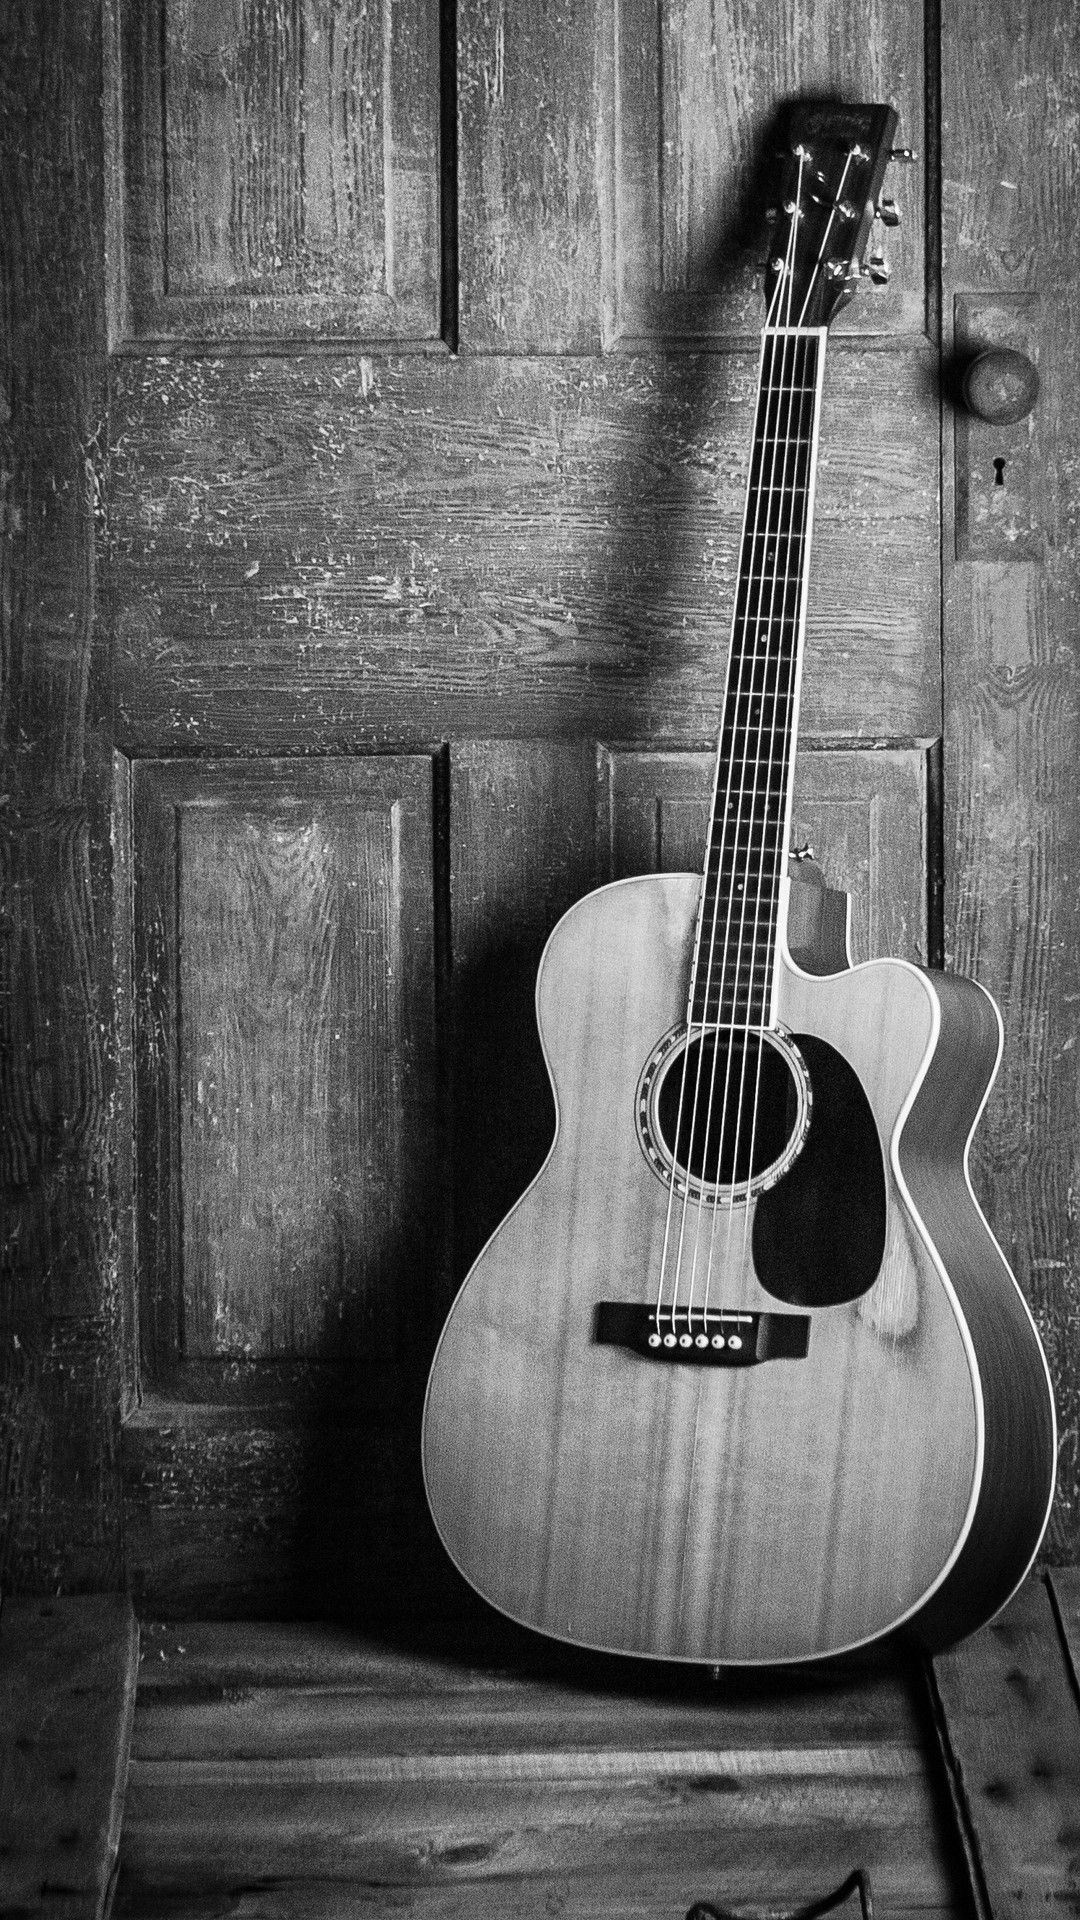 Pin By Shanty Teofani On Western Bilder Best Acoustic Guitar Music Guitar Acoustic Guitar Photography